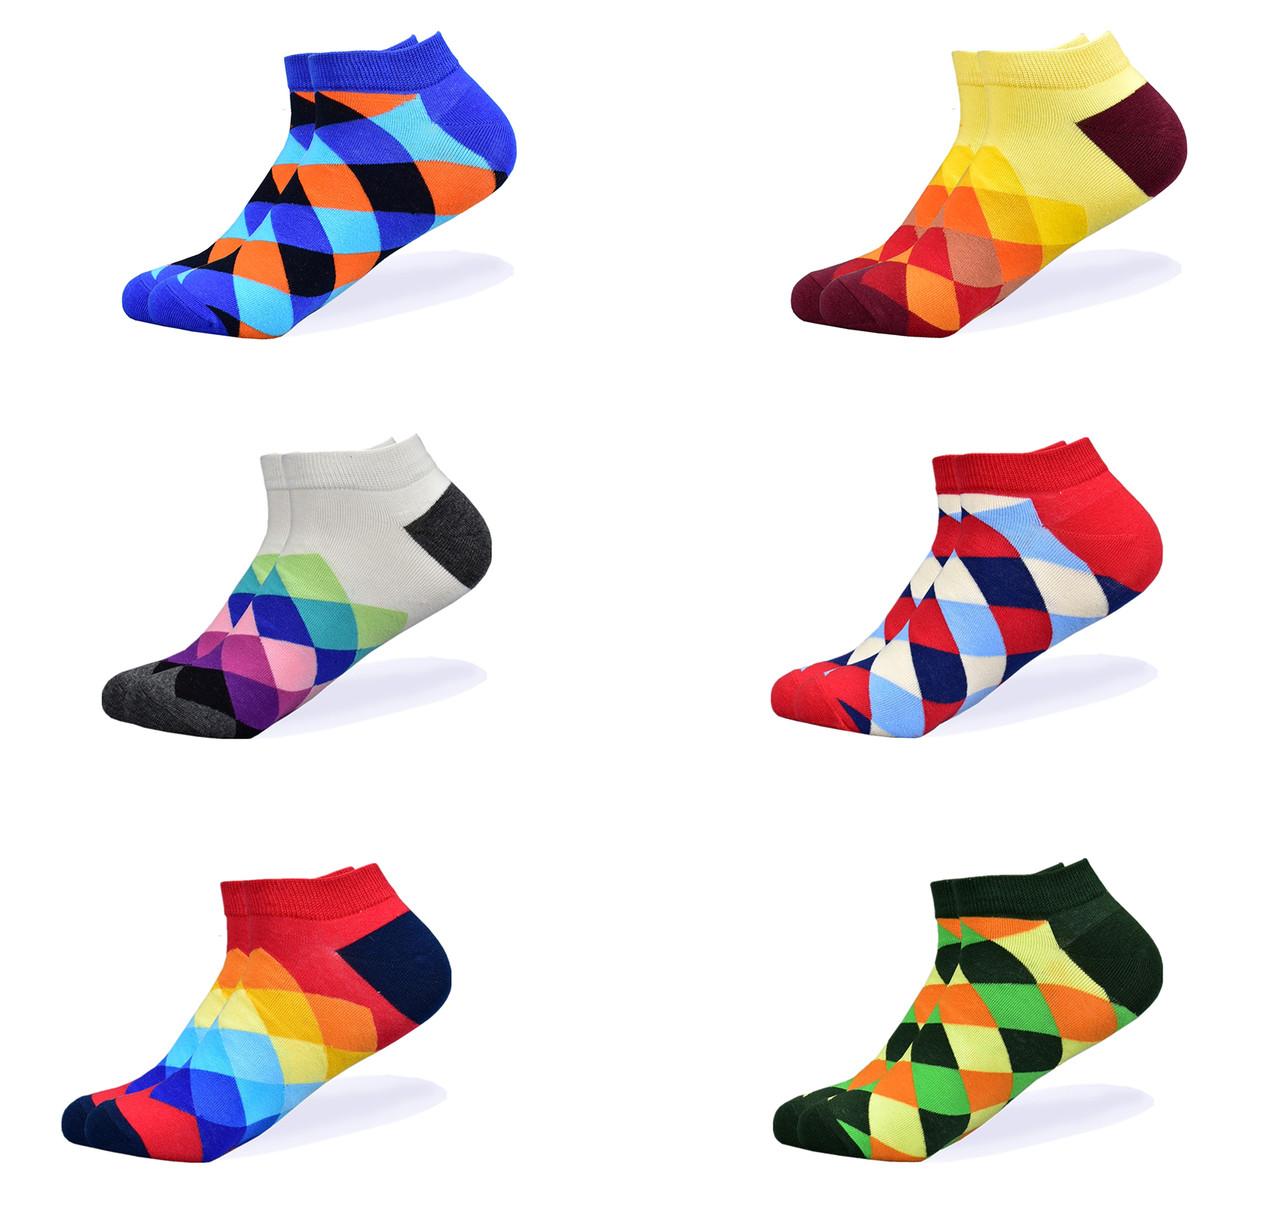 Набор низких носков, 6 пар, размер 39-45, разноцветные, яркие, happy socks, мужские/женские - унисекс